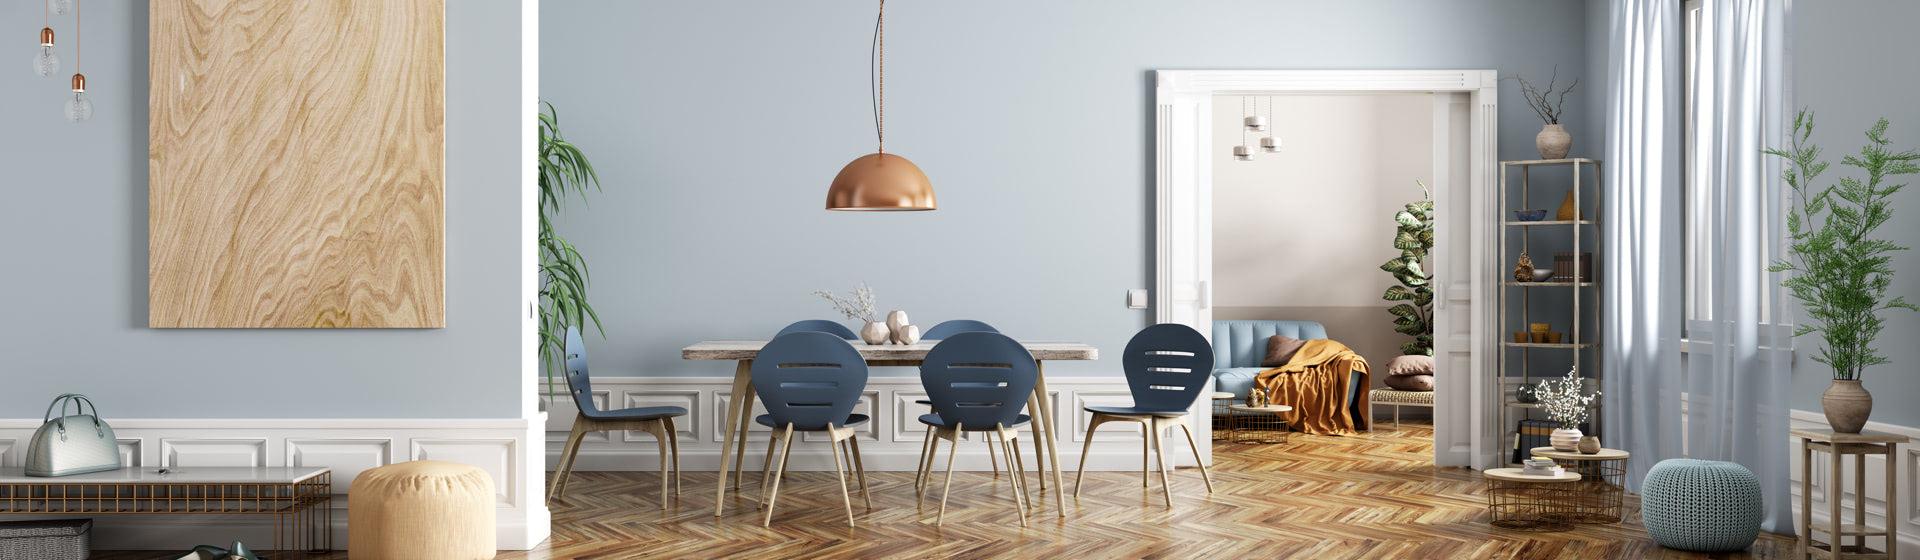 Comedor de una casa decorado estilo nórdico